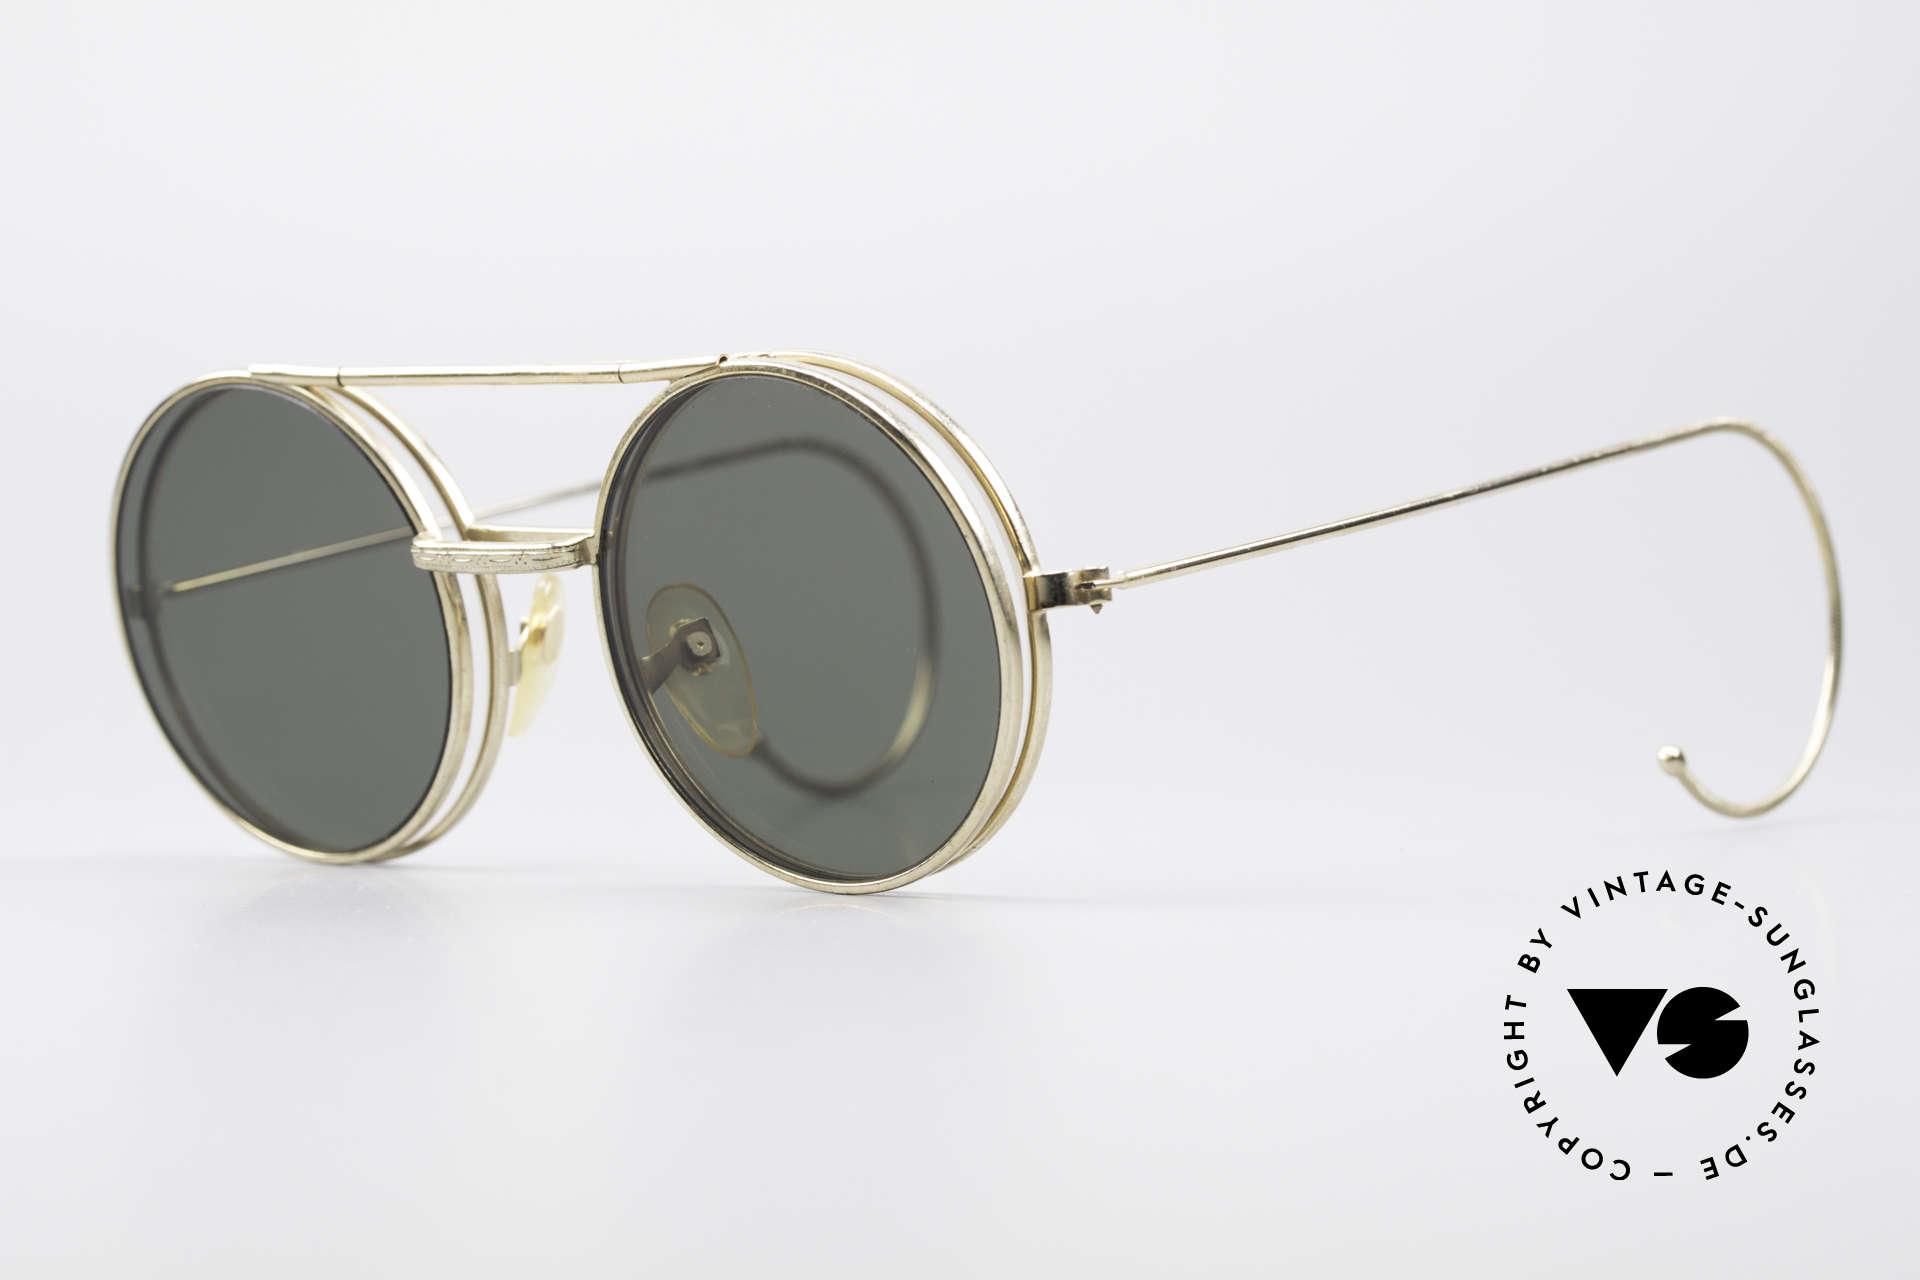 Django Unchained Kultige Filmsonnenbrille, durch den Film 'Django Unchained' weltbekannt geworden, Passend für Herren